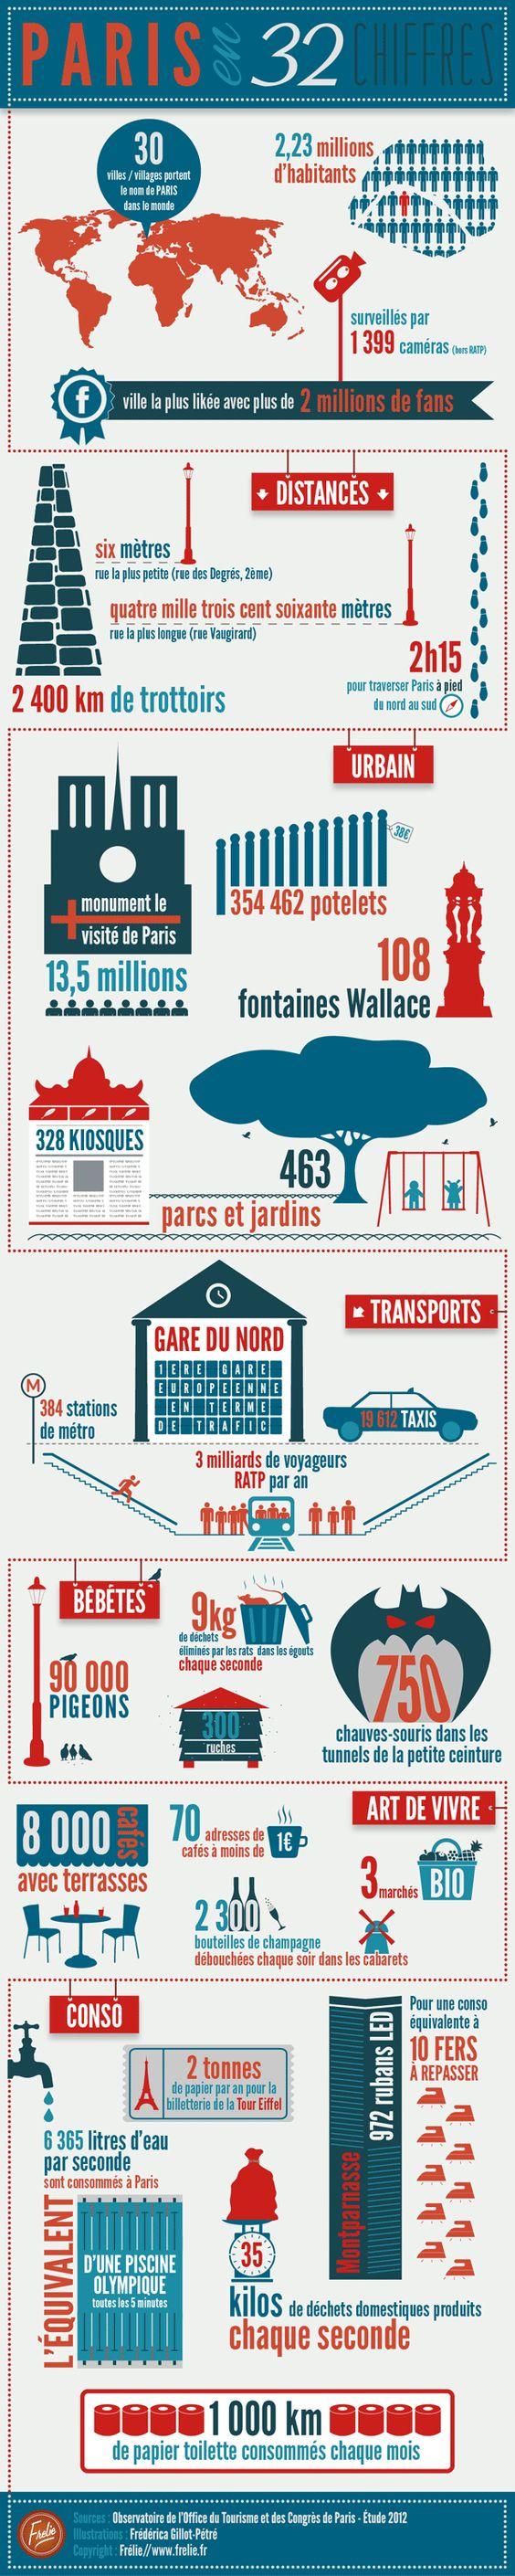 Paris en 32 chiffres ! #infographie bien faite et riche.